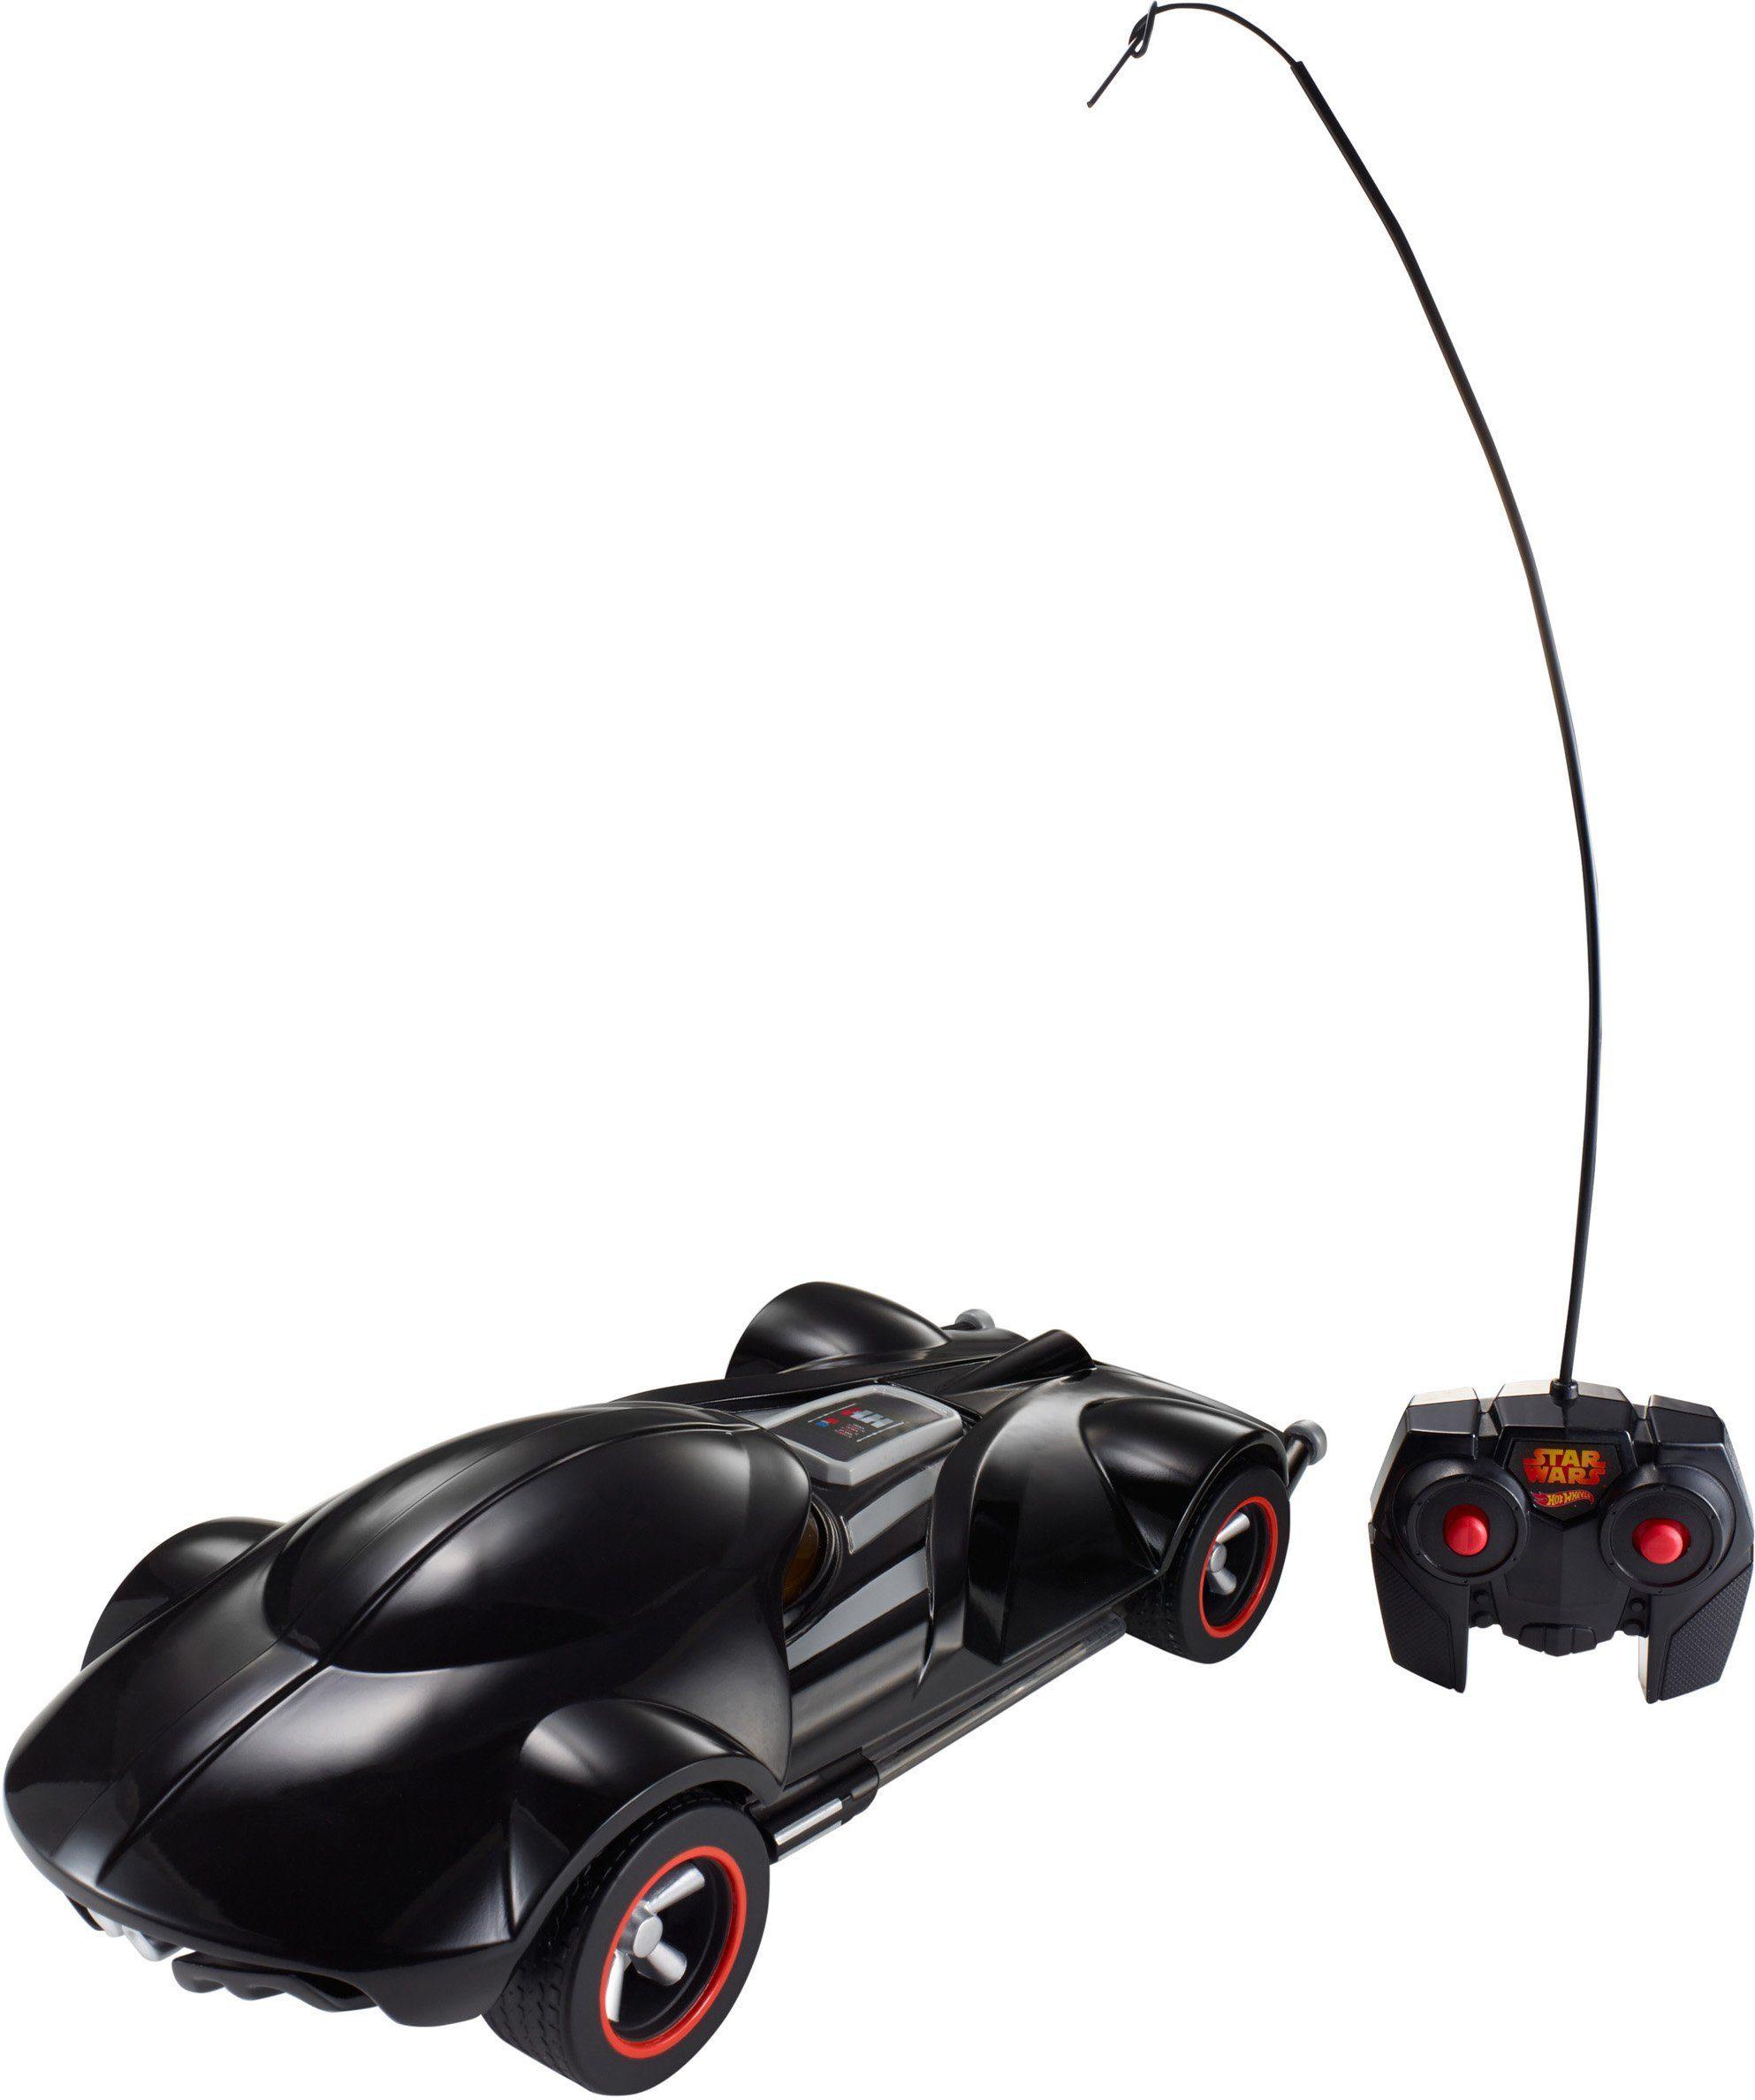 Mattel, RC Fahrzeug mit Licht und Sound, »Hot Wheels®, Star Wars, Darth Vader RC Fahrzeug«